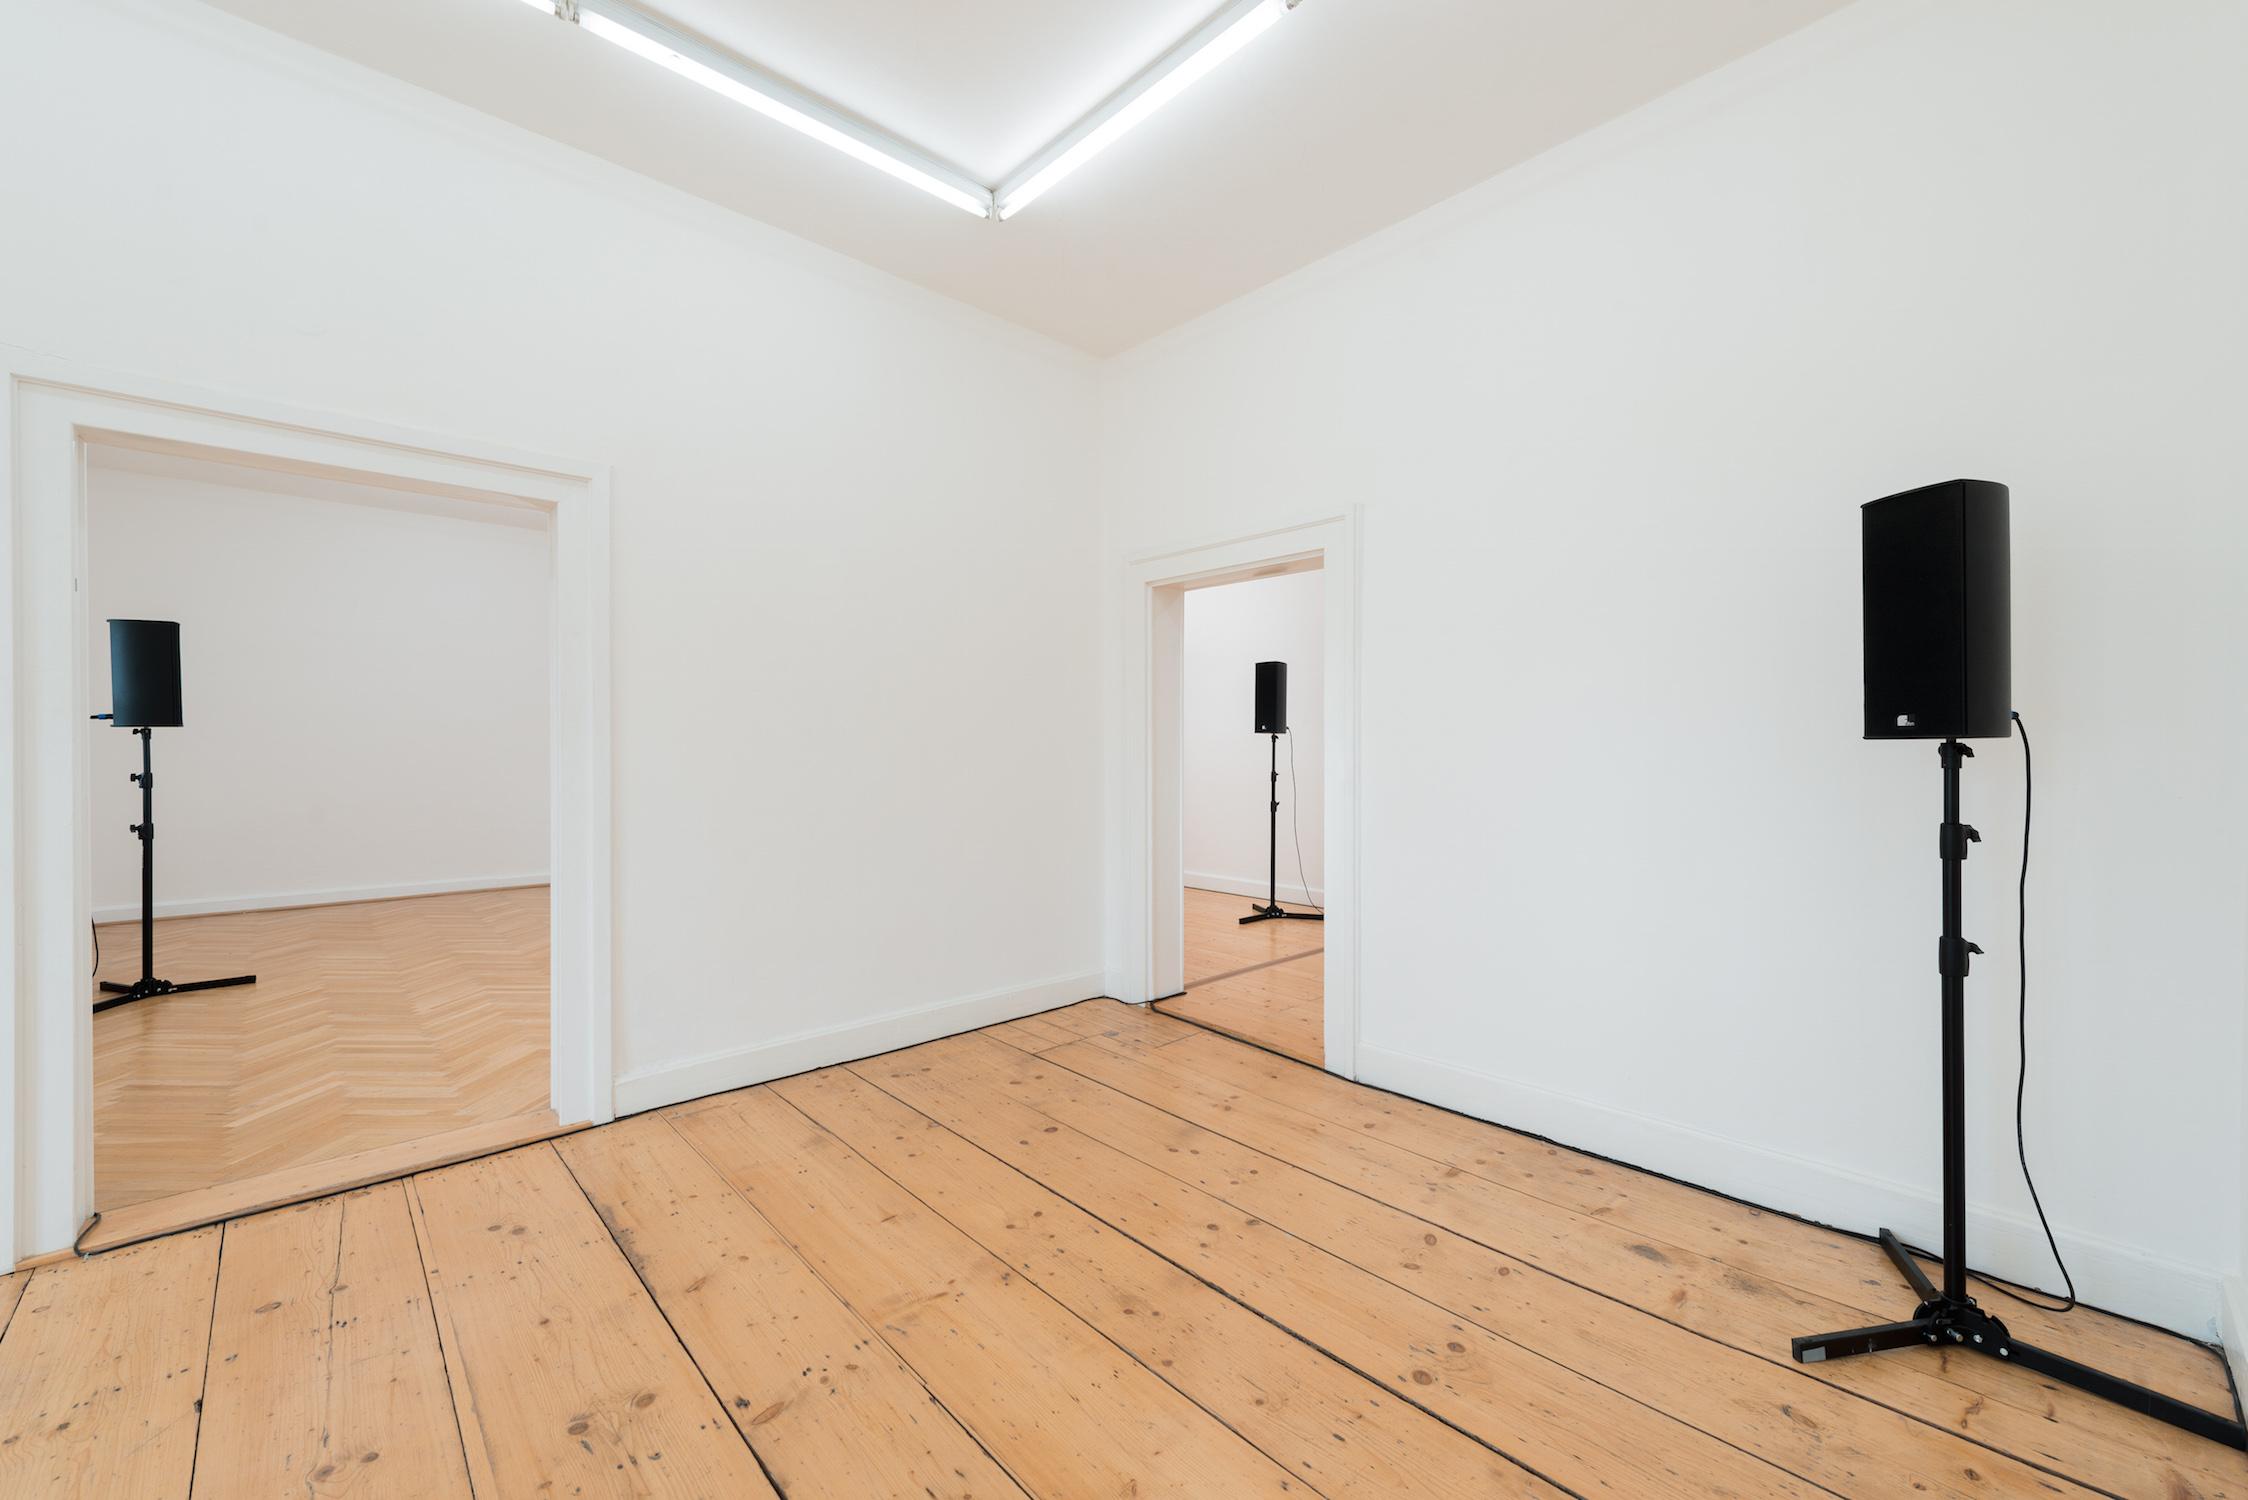 Tim Etchells, Together Apart, 2017. Installation view. Kunstverein Braunschweig, DE. Photographer: Stefan Stark.